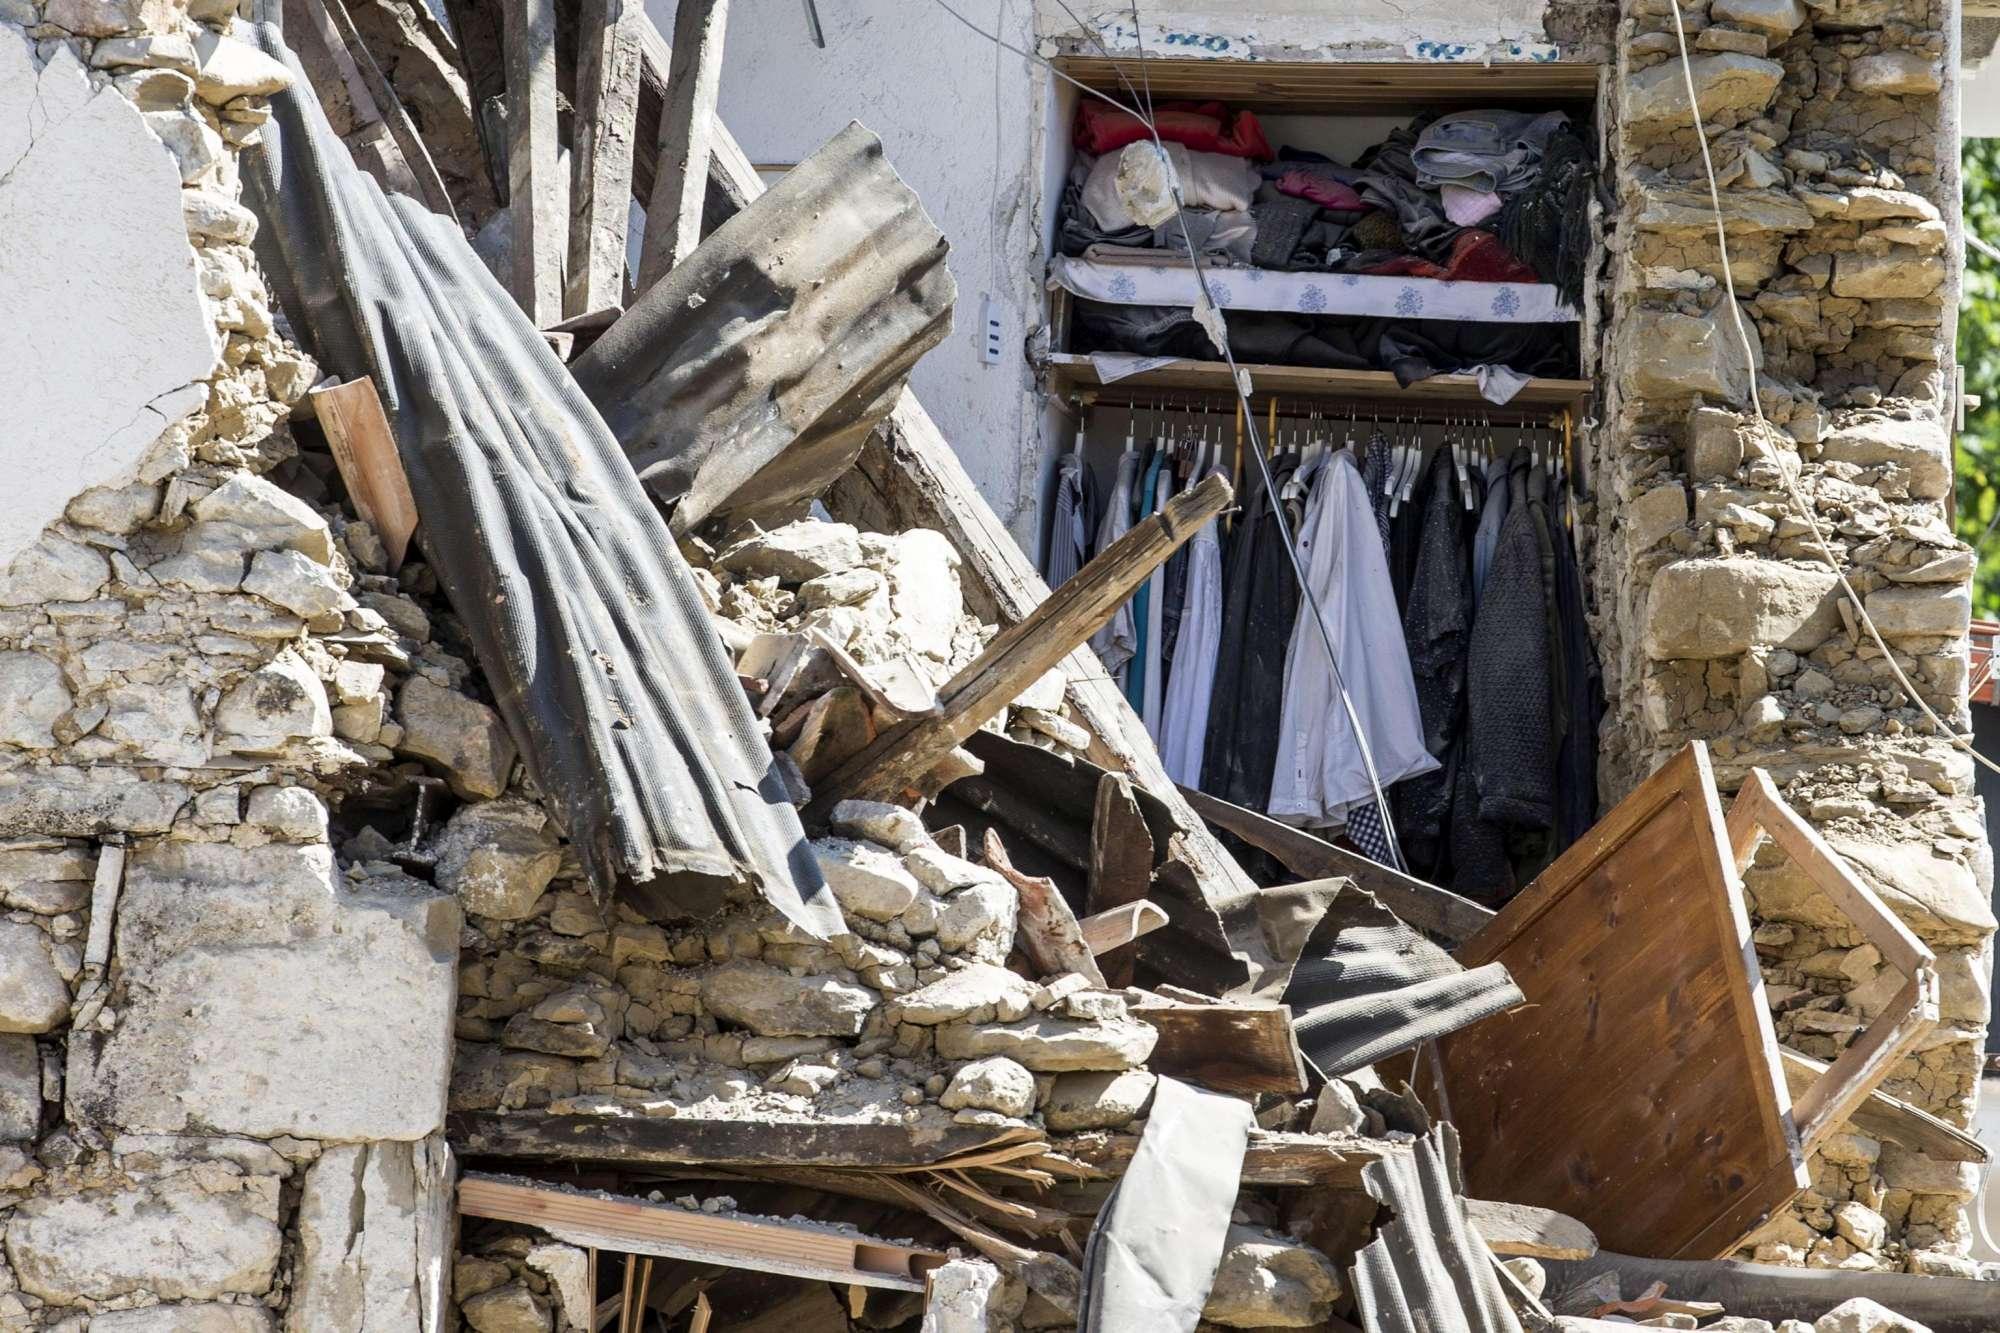 Terremoto in CentroItalia, danni per oltre 23 miliardi di euro